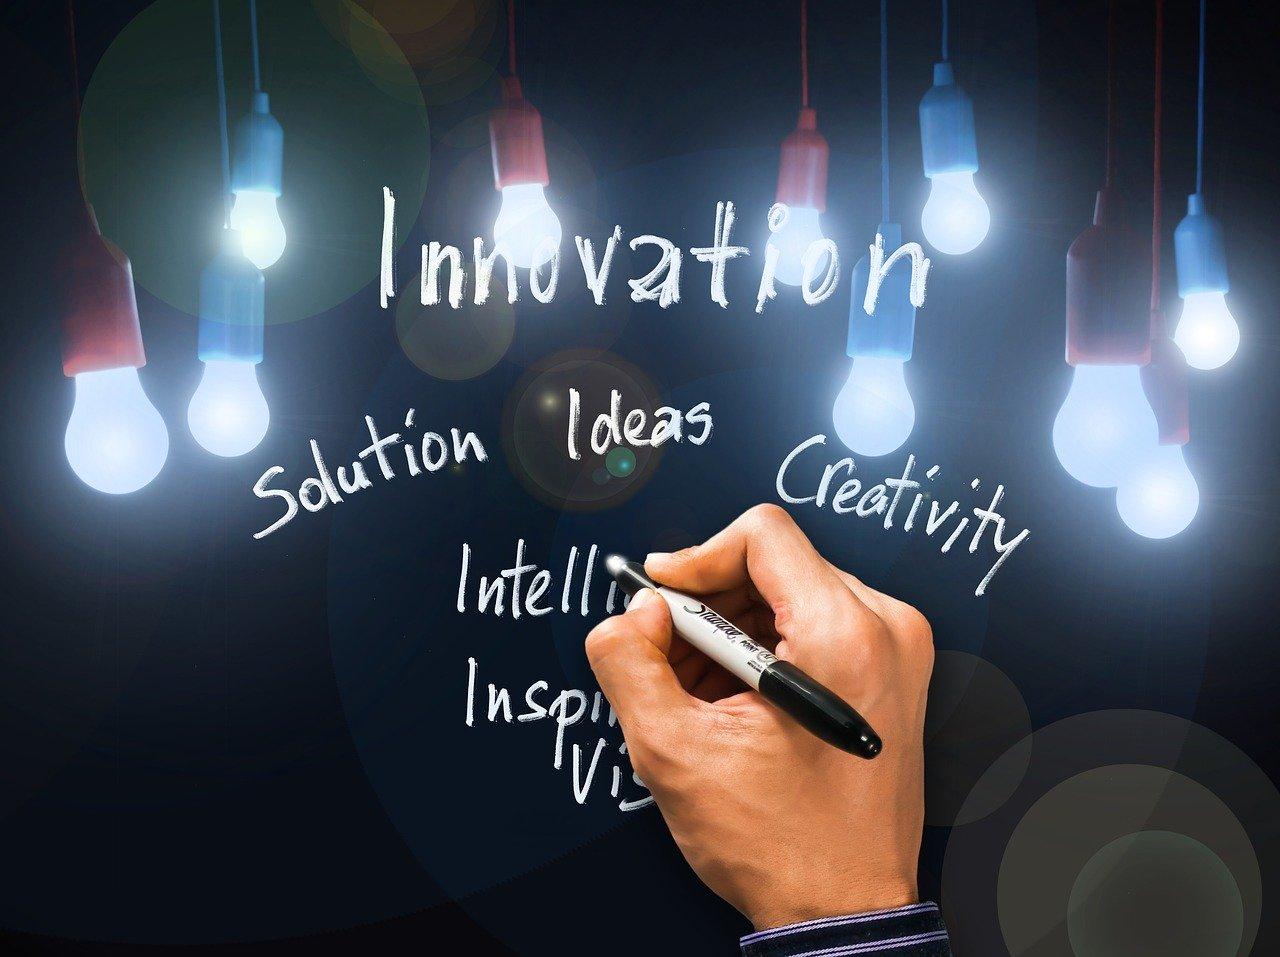 innovation, solution, vision